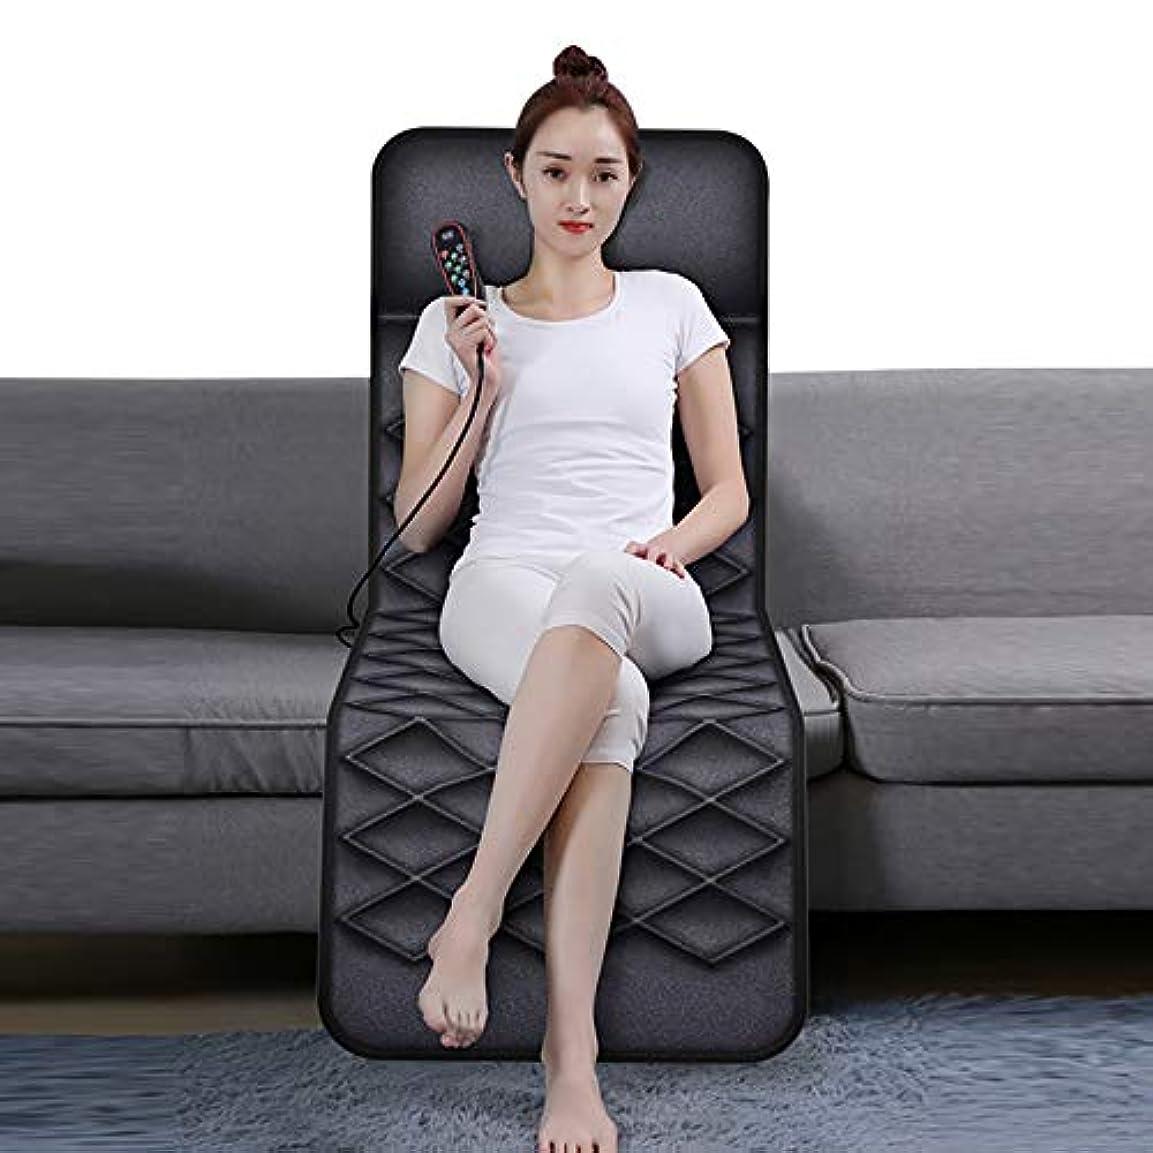 韓国語速報アクセスできない加熱付きマッサージマット、背中の痛みを軽減する10モーター振動マッサージマットレスパッド、首と背中の全身マッサージ、腰部ふくらはぎ筋肉のリラクゼーション